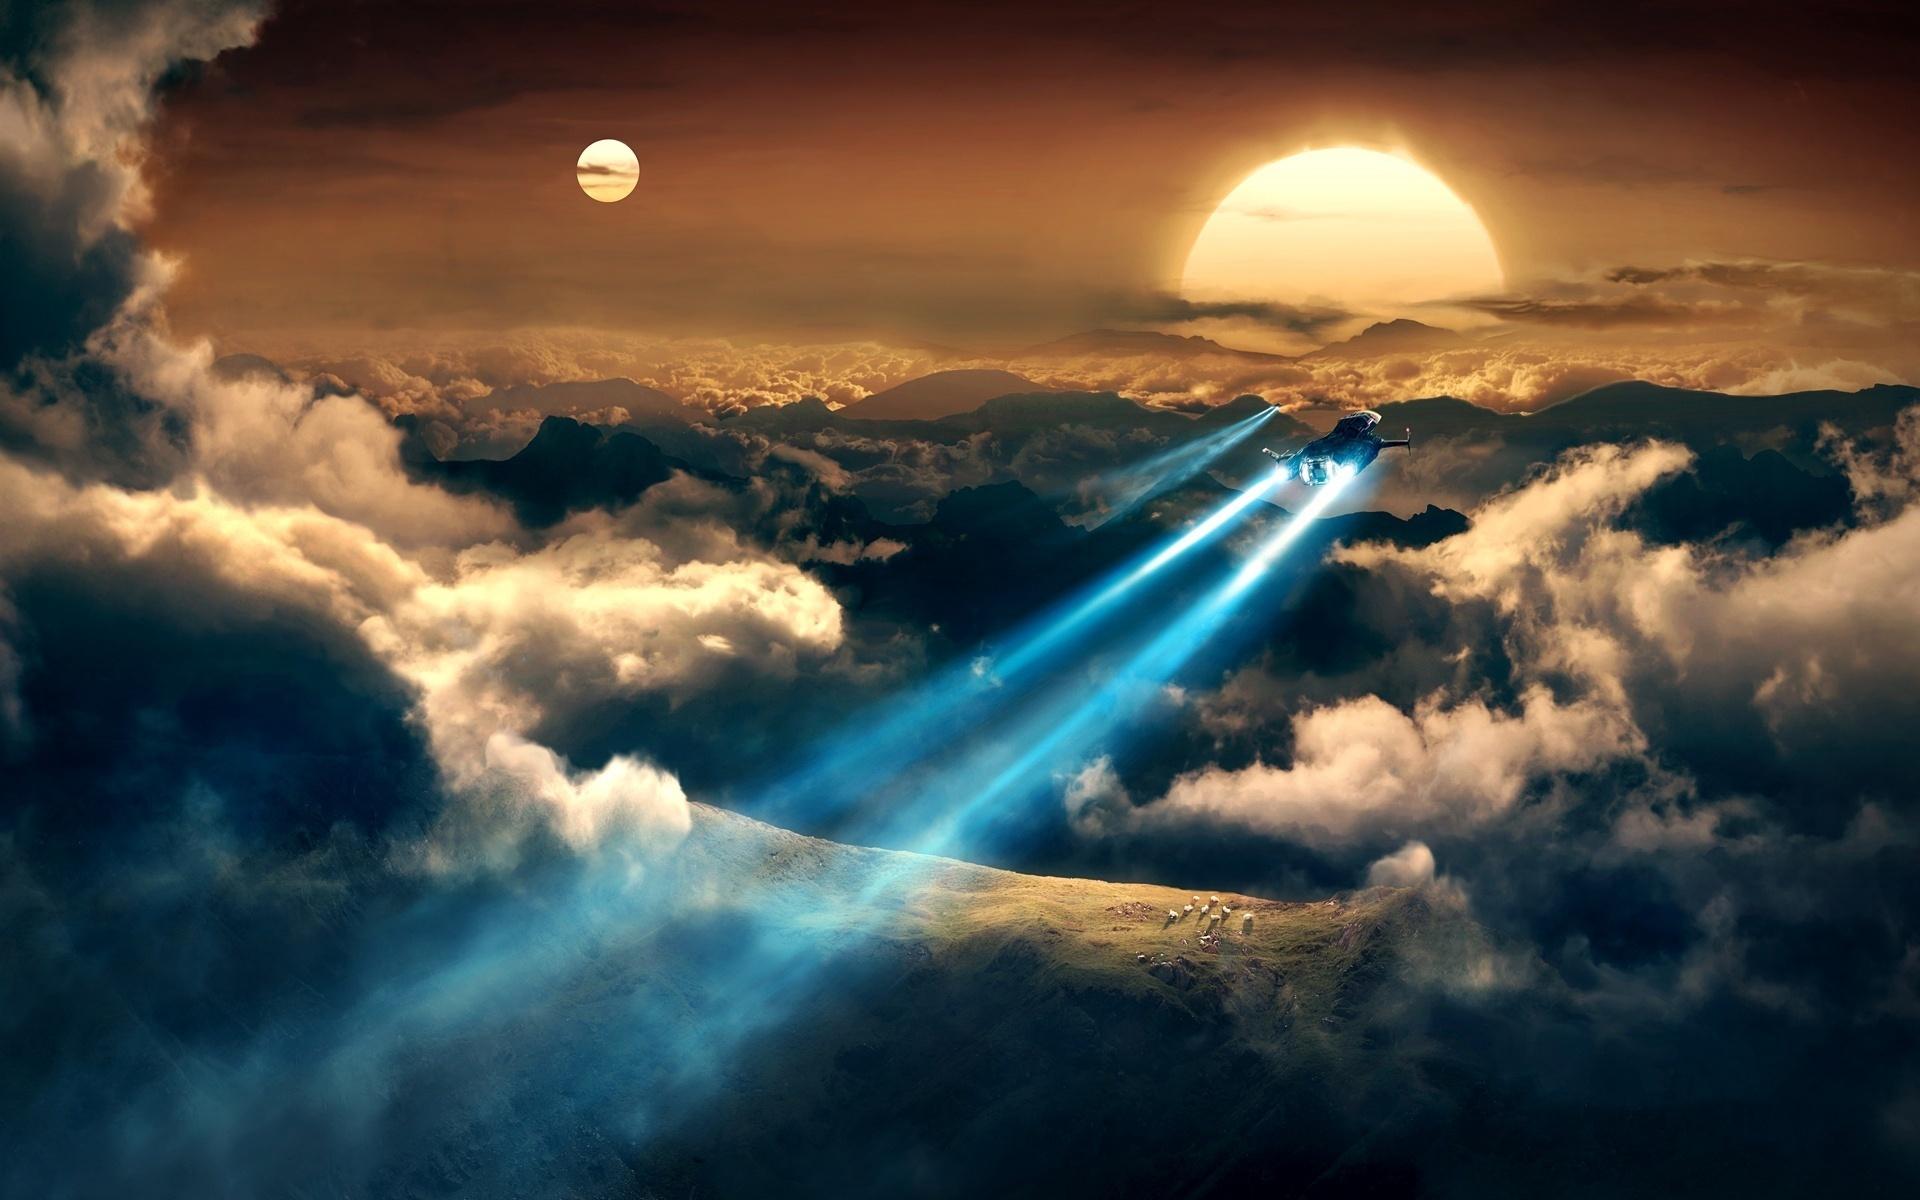 земля в облаках красивая картинка сожалению